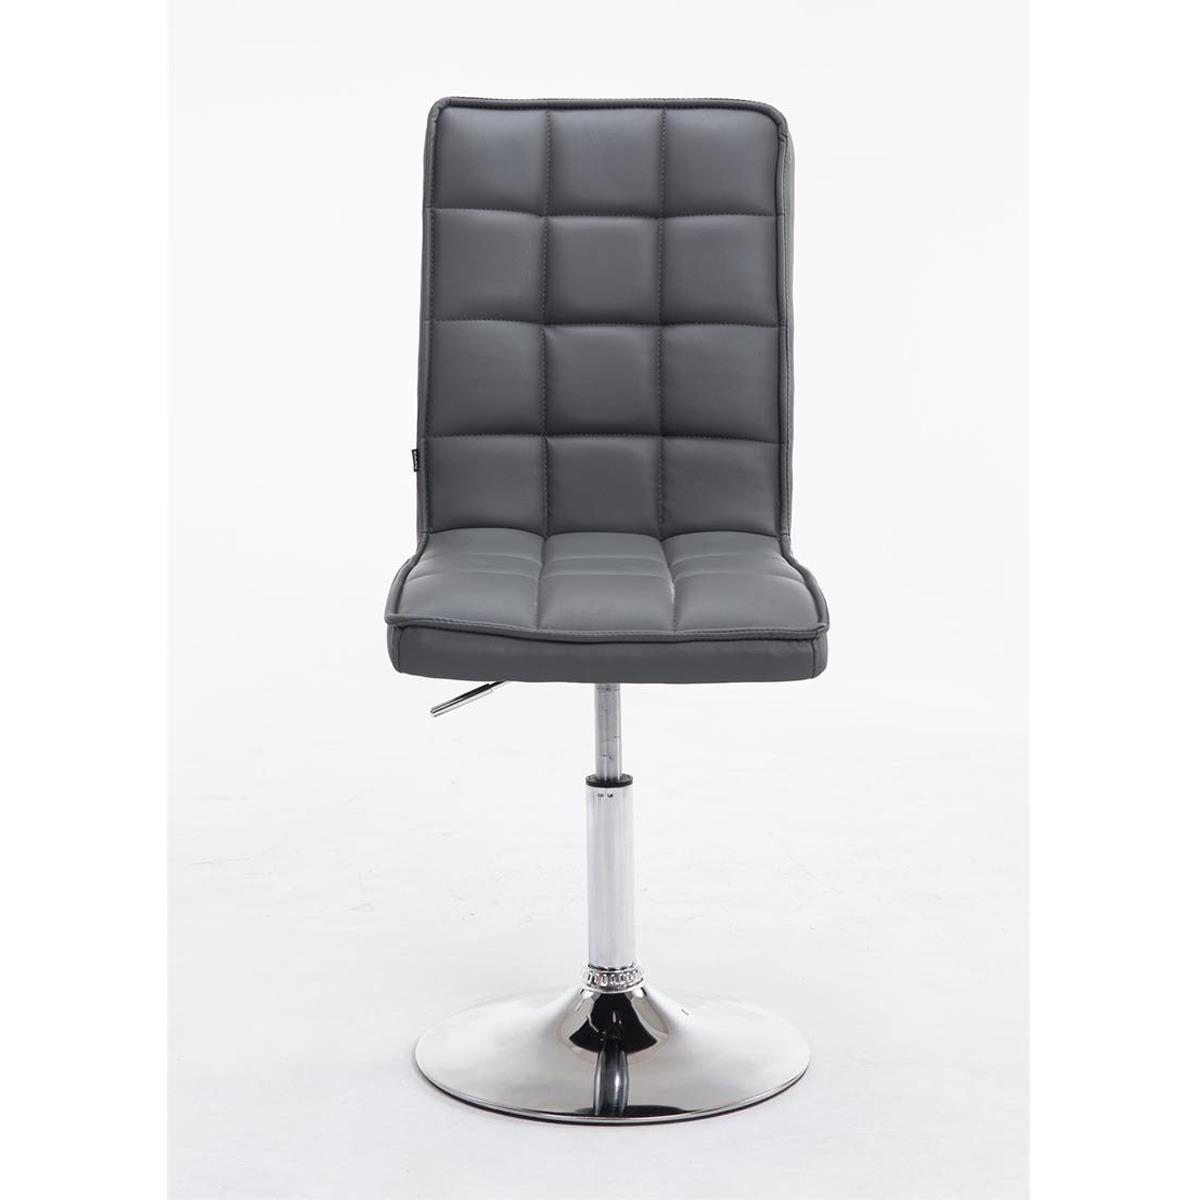 Conjunto de 6 sillas de comedor o cocina osuna piel en for Sillas de comedor tapizadas en gris